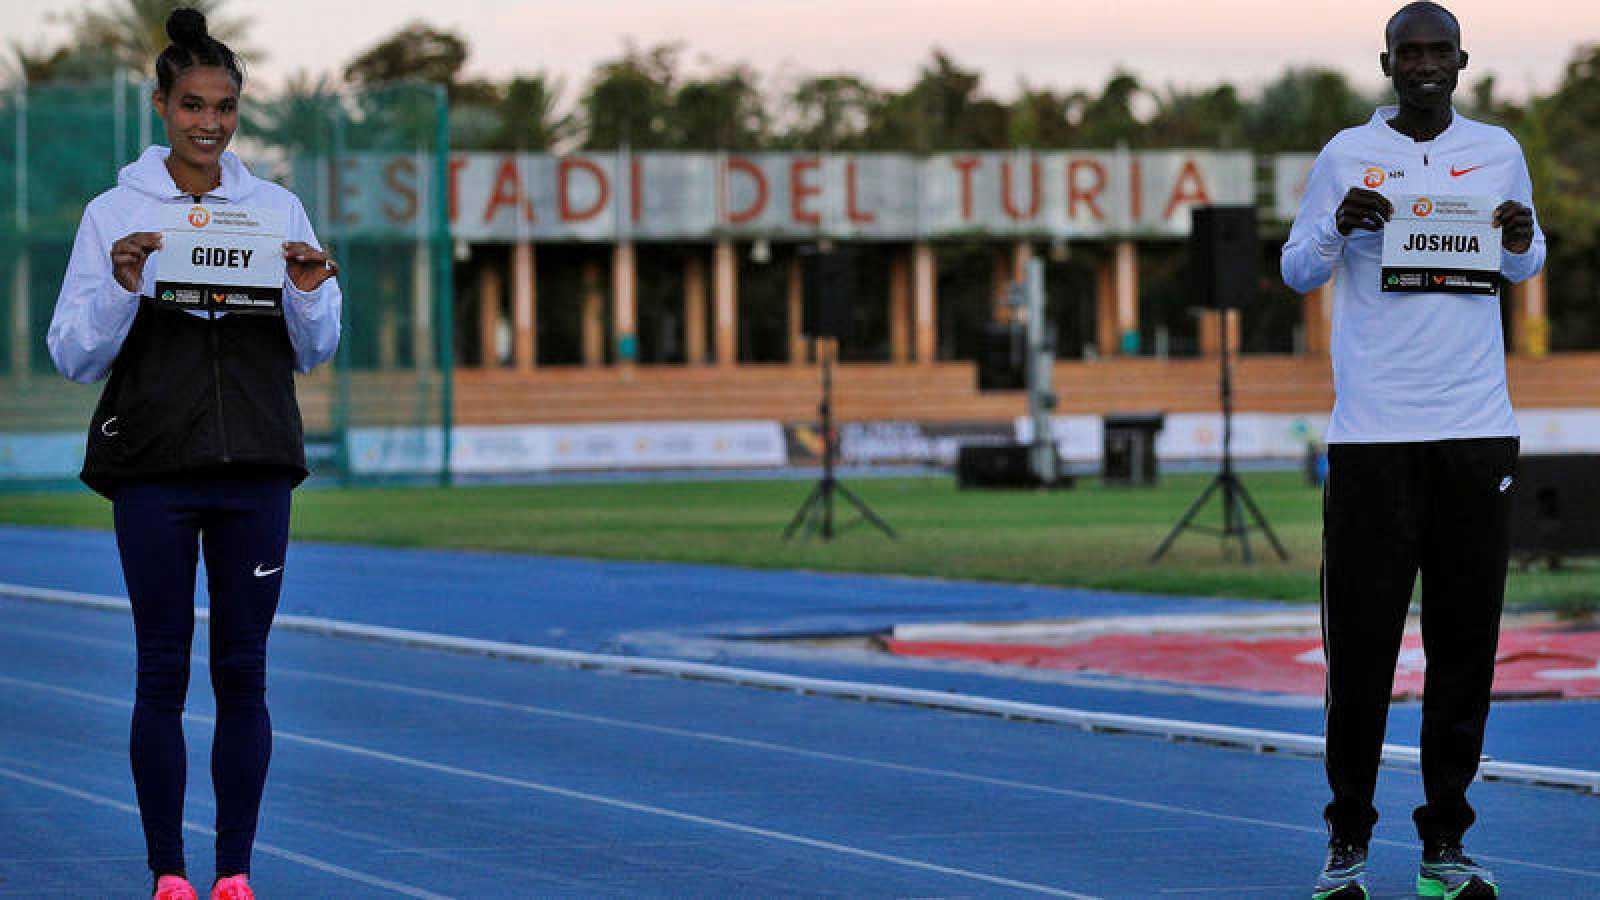 La atleta etíope Letensebet Gidey y el atleta ugandés Joshua Cheptegei, que este miércoles tratarán de batir los récord del mundo de los 5.000 y 10.000 metros lisos respectivamente, en el estadio Jardin del Túria de València, posan con sus dorsales.